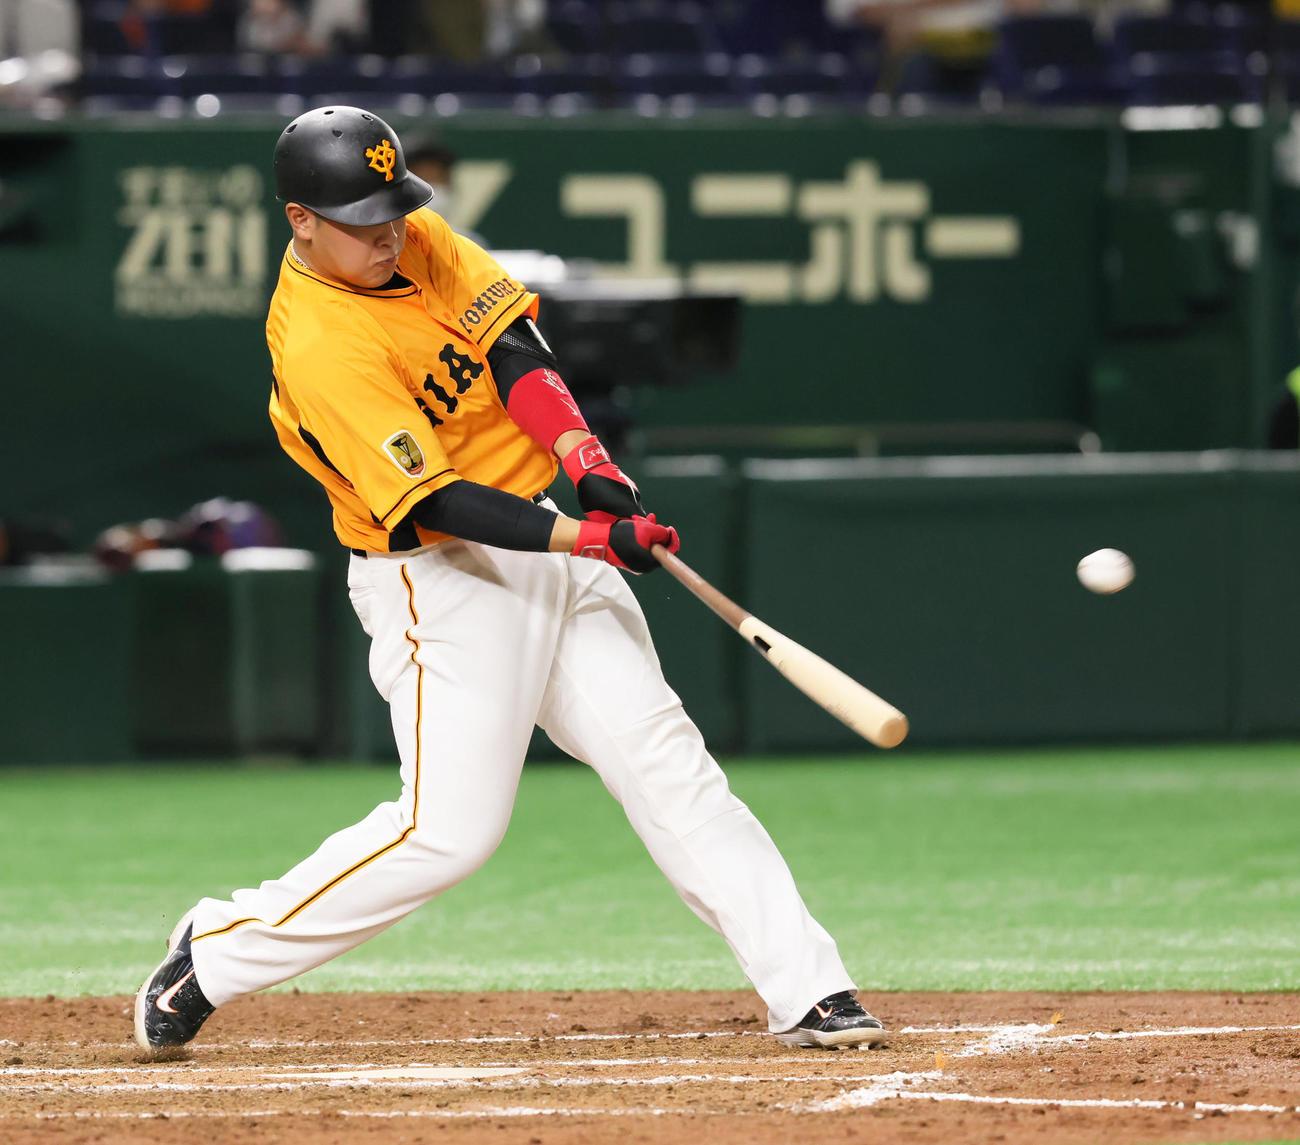 巨人対阪神 4回裏巨人1死、左中間へ2打席連続となる本塁打を放つ岡本和(撮影・足立雅史)